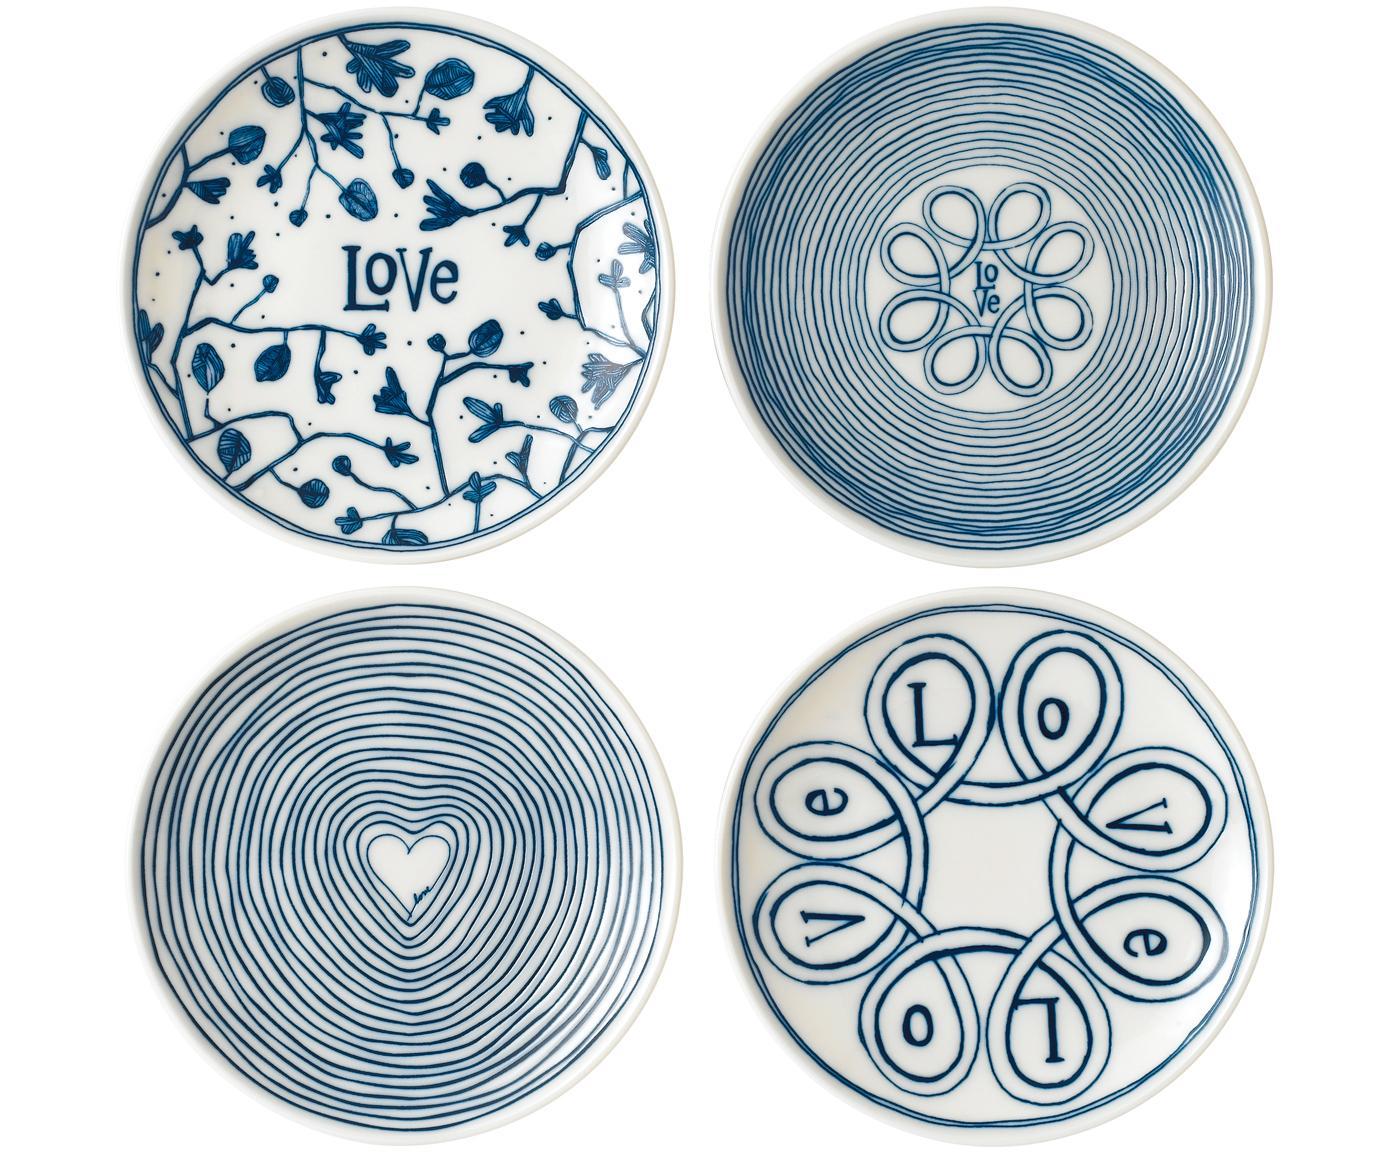 Set de platos de pan Love, 4pzas., Porcelana, Marfil, azul cobalto, Ø 16 cm